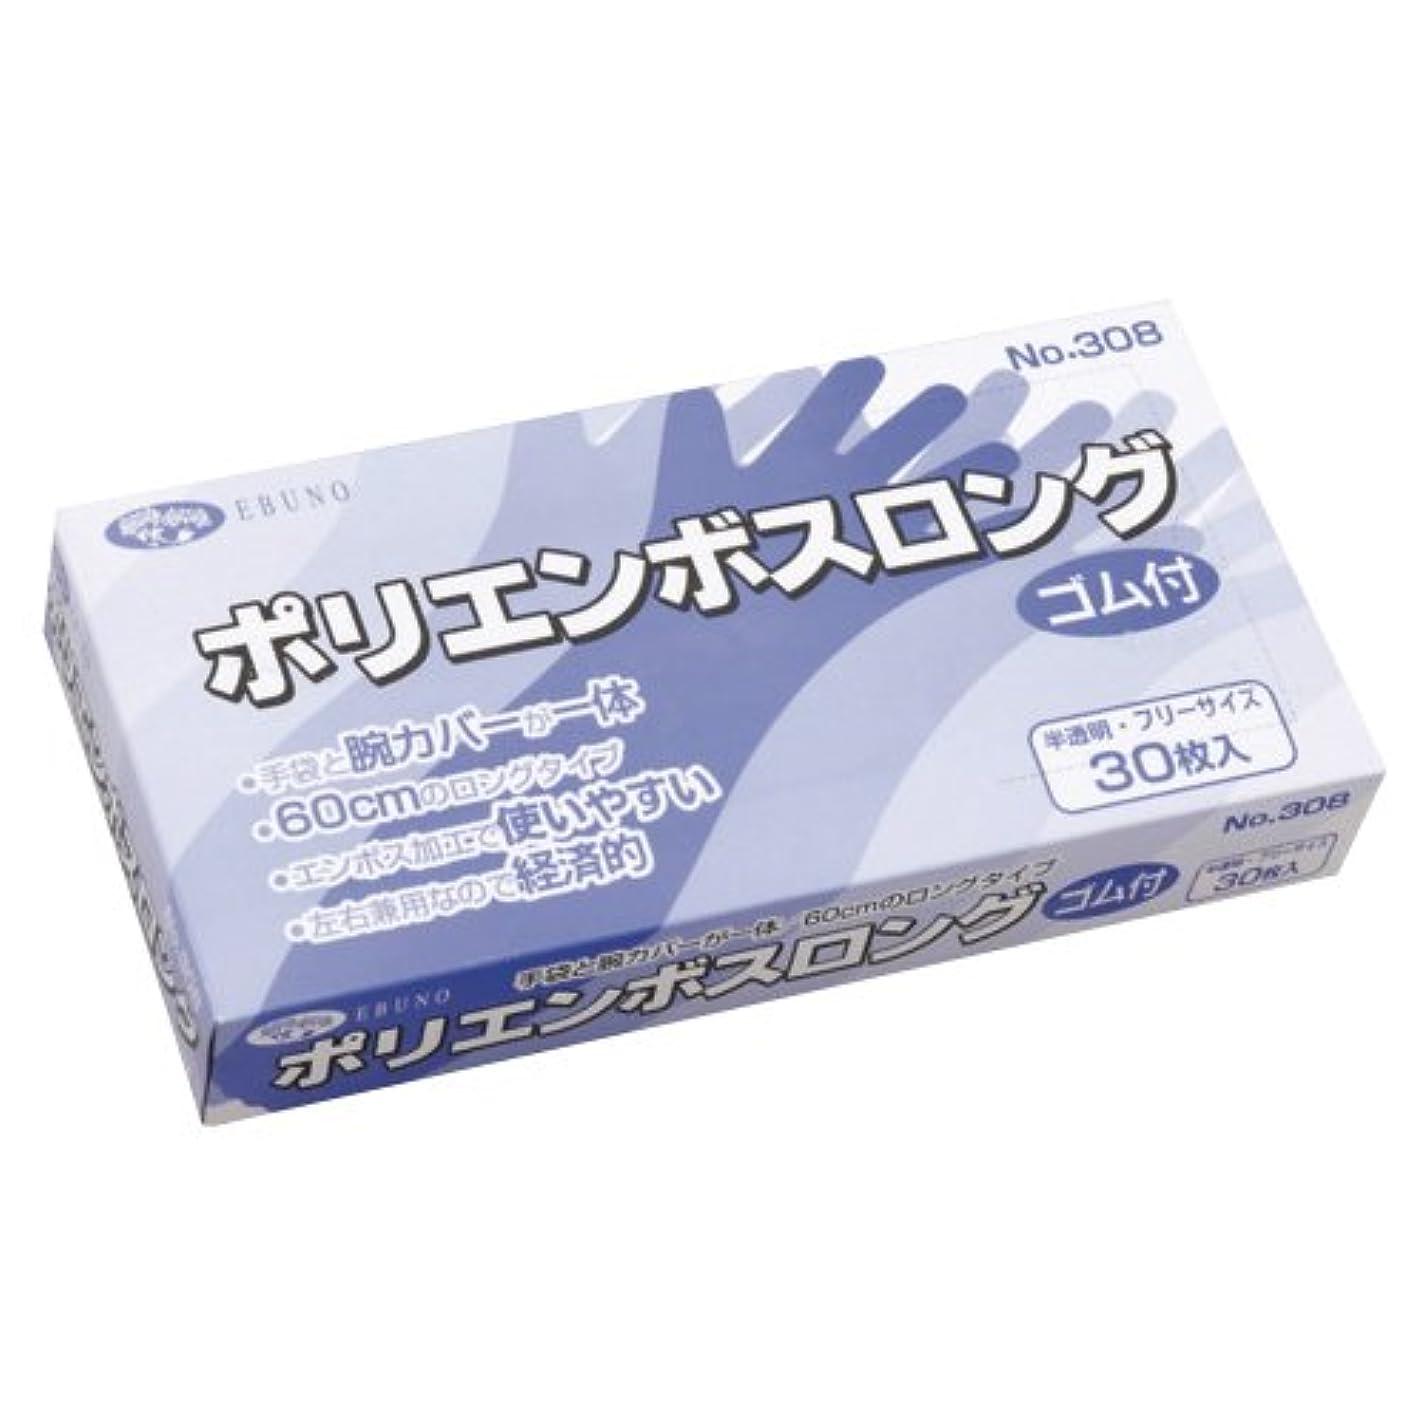 形成意味好き補助用手袋 ポリエンボスロング NO.308(30枚入)